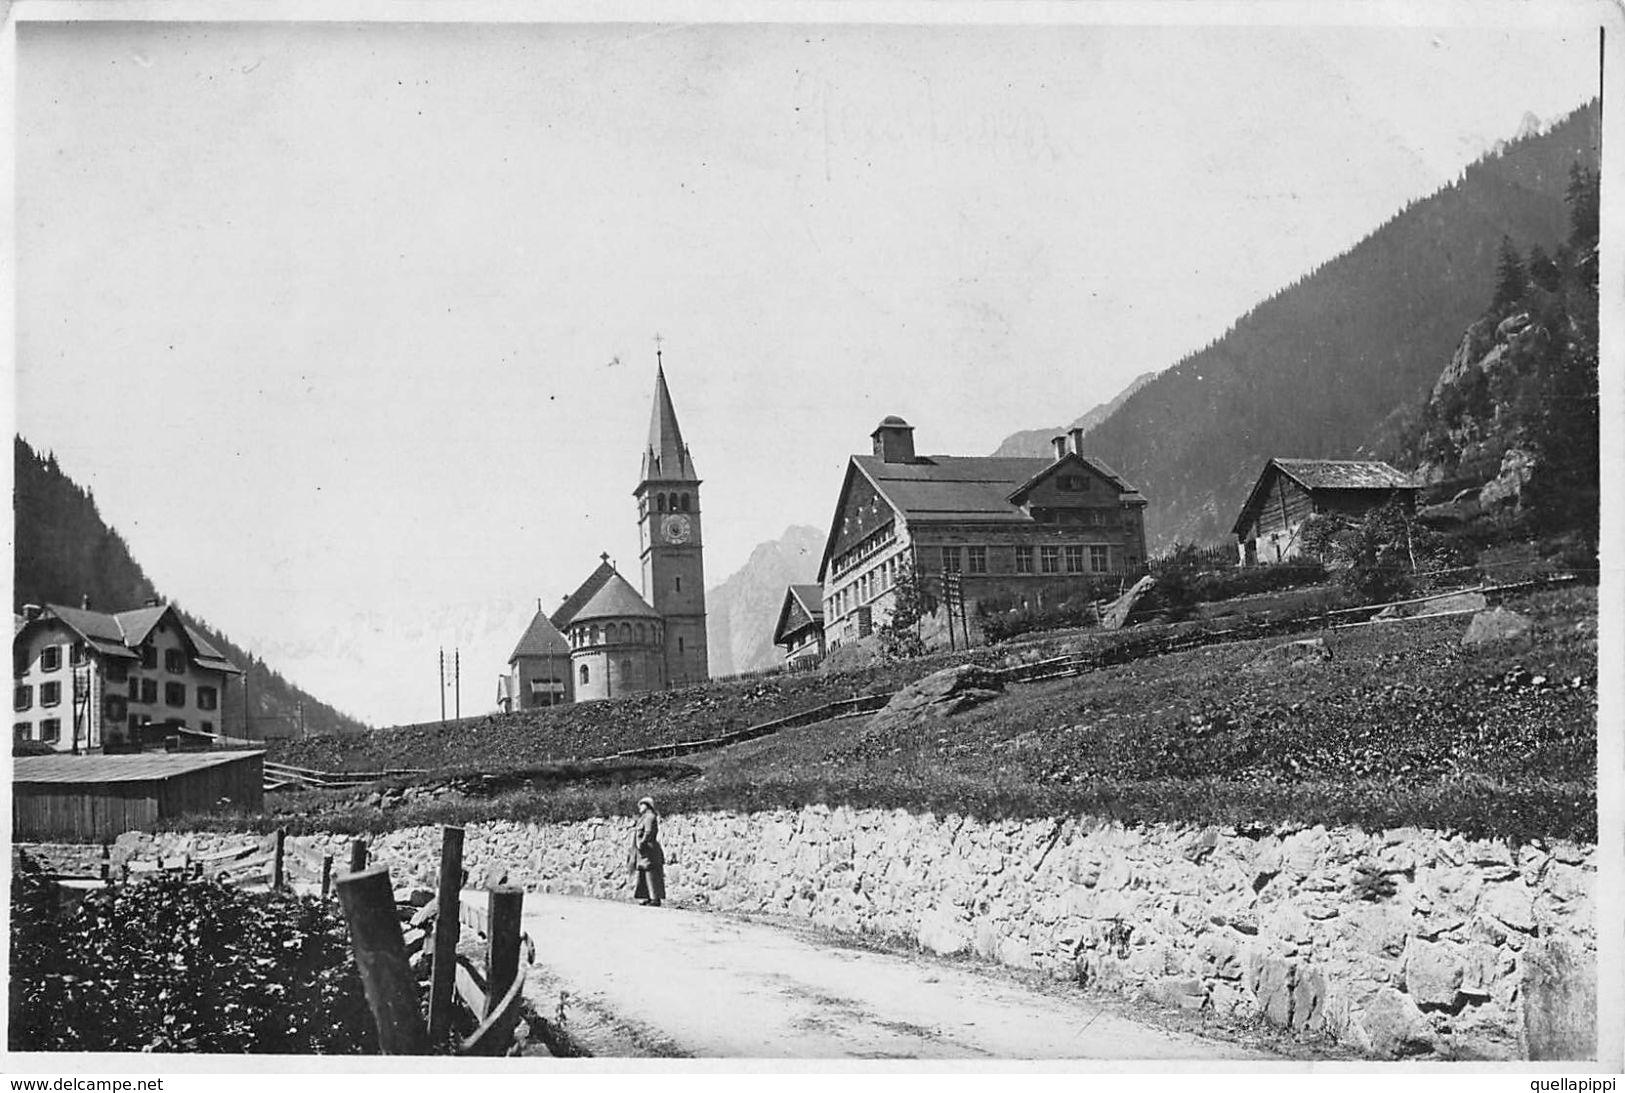 """07111 """"GOESCHENEN - CANTON URI - SVIZZERA - CIRCA 1900"""" ANIMATA. CHIESA. FOTOGRAFIA ORIGINALE. - Places"""